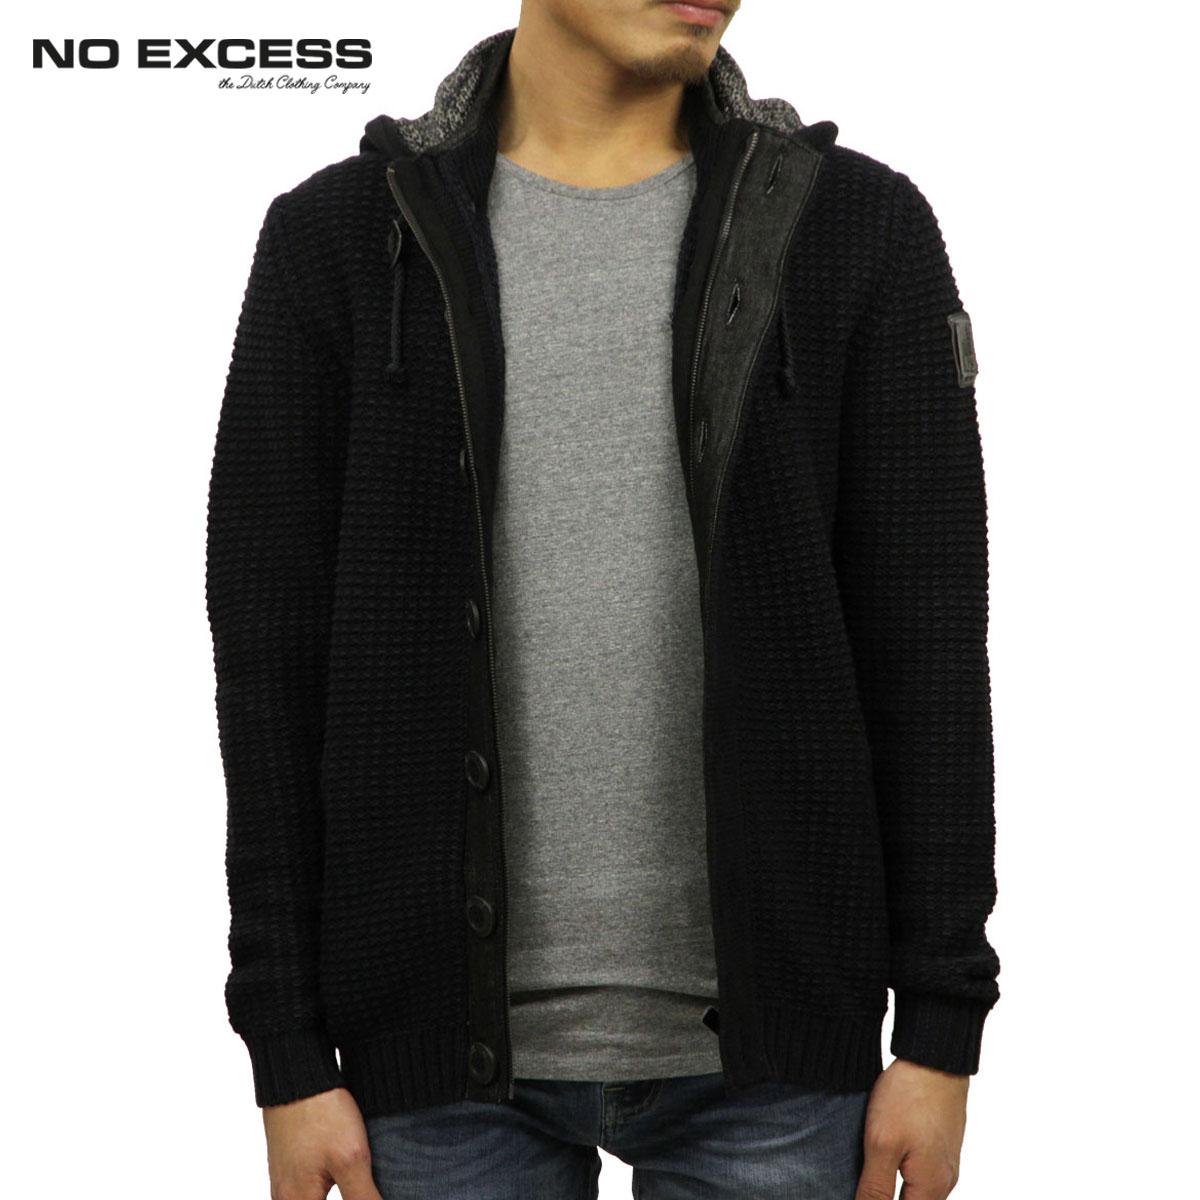 ノーエクセス NO EXCESS 正規品 メンズ カーディガン Pullover Hooded Cardigan230940020 D00S20